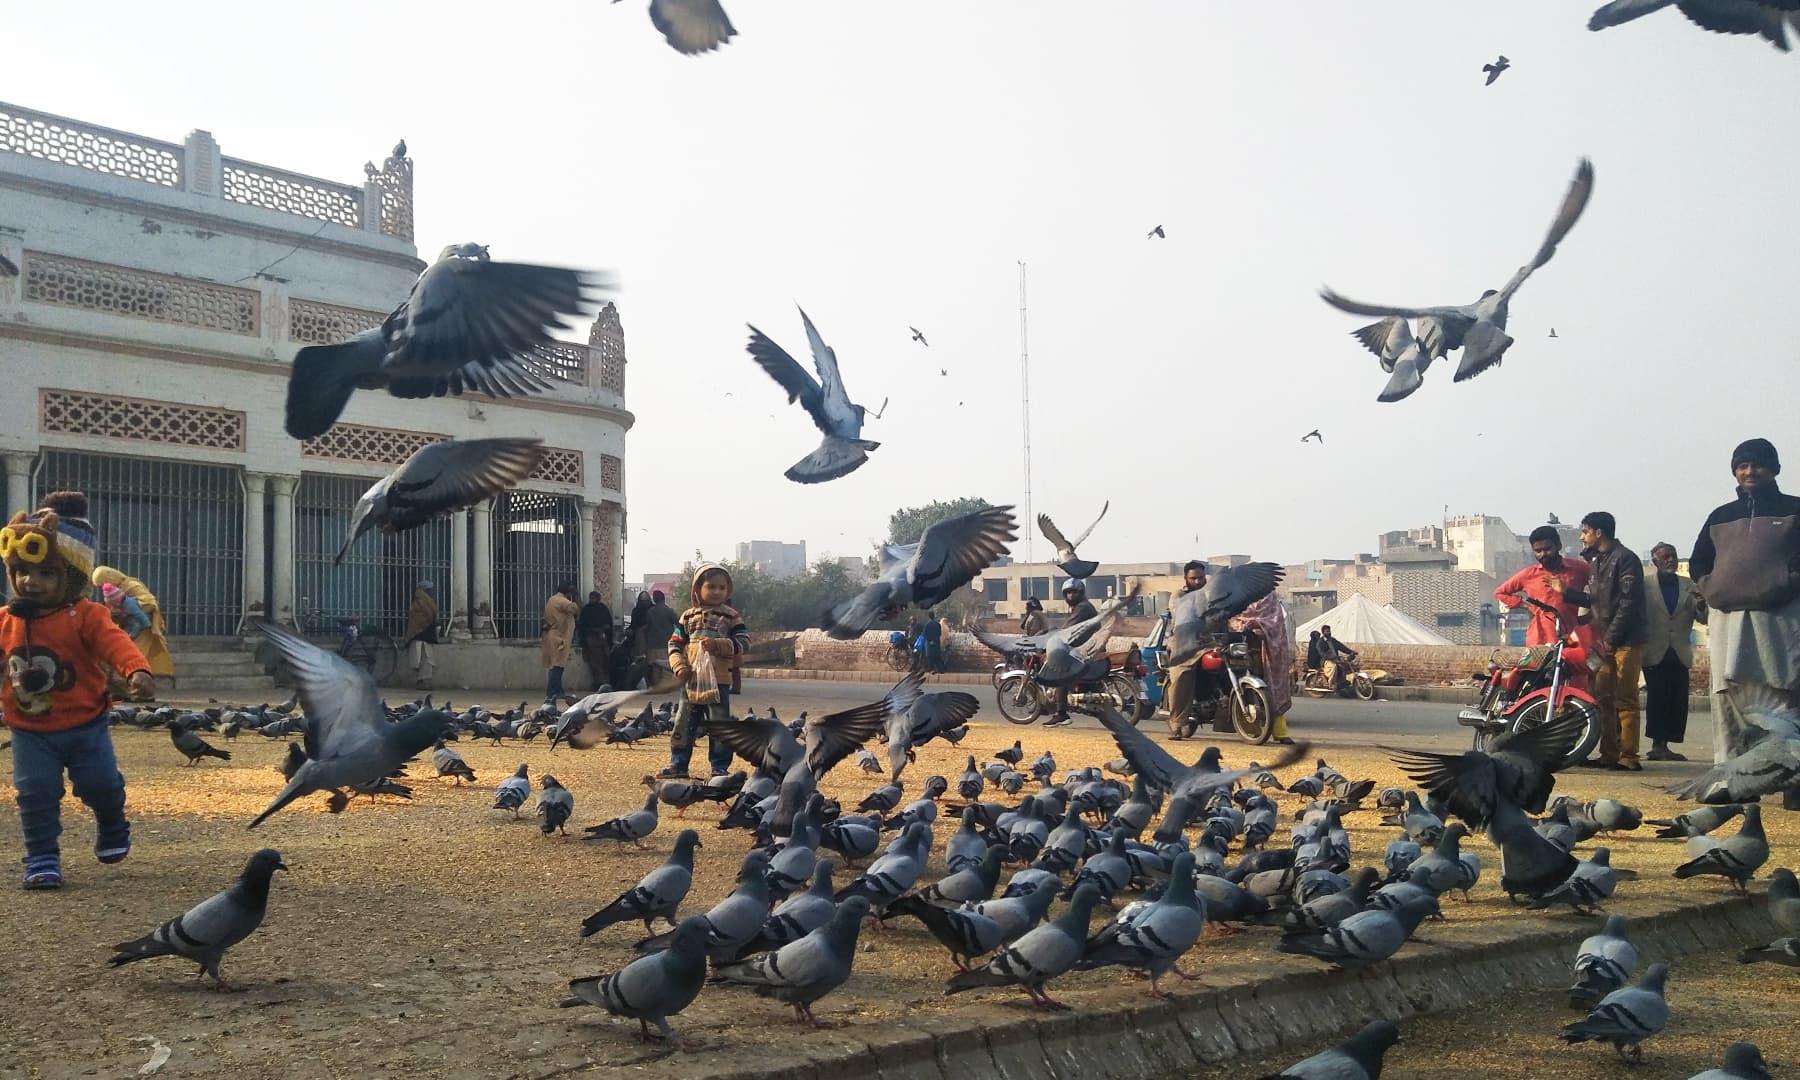 مزار کے باہر کبوتروں کے پرواز بھرنے اور پھر نیچے آکر دانہ چگنے کا سلسلہ تو جیسے ختم ہی نہیں ہوتا—تصویر عظمت اکبر